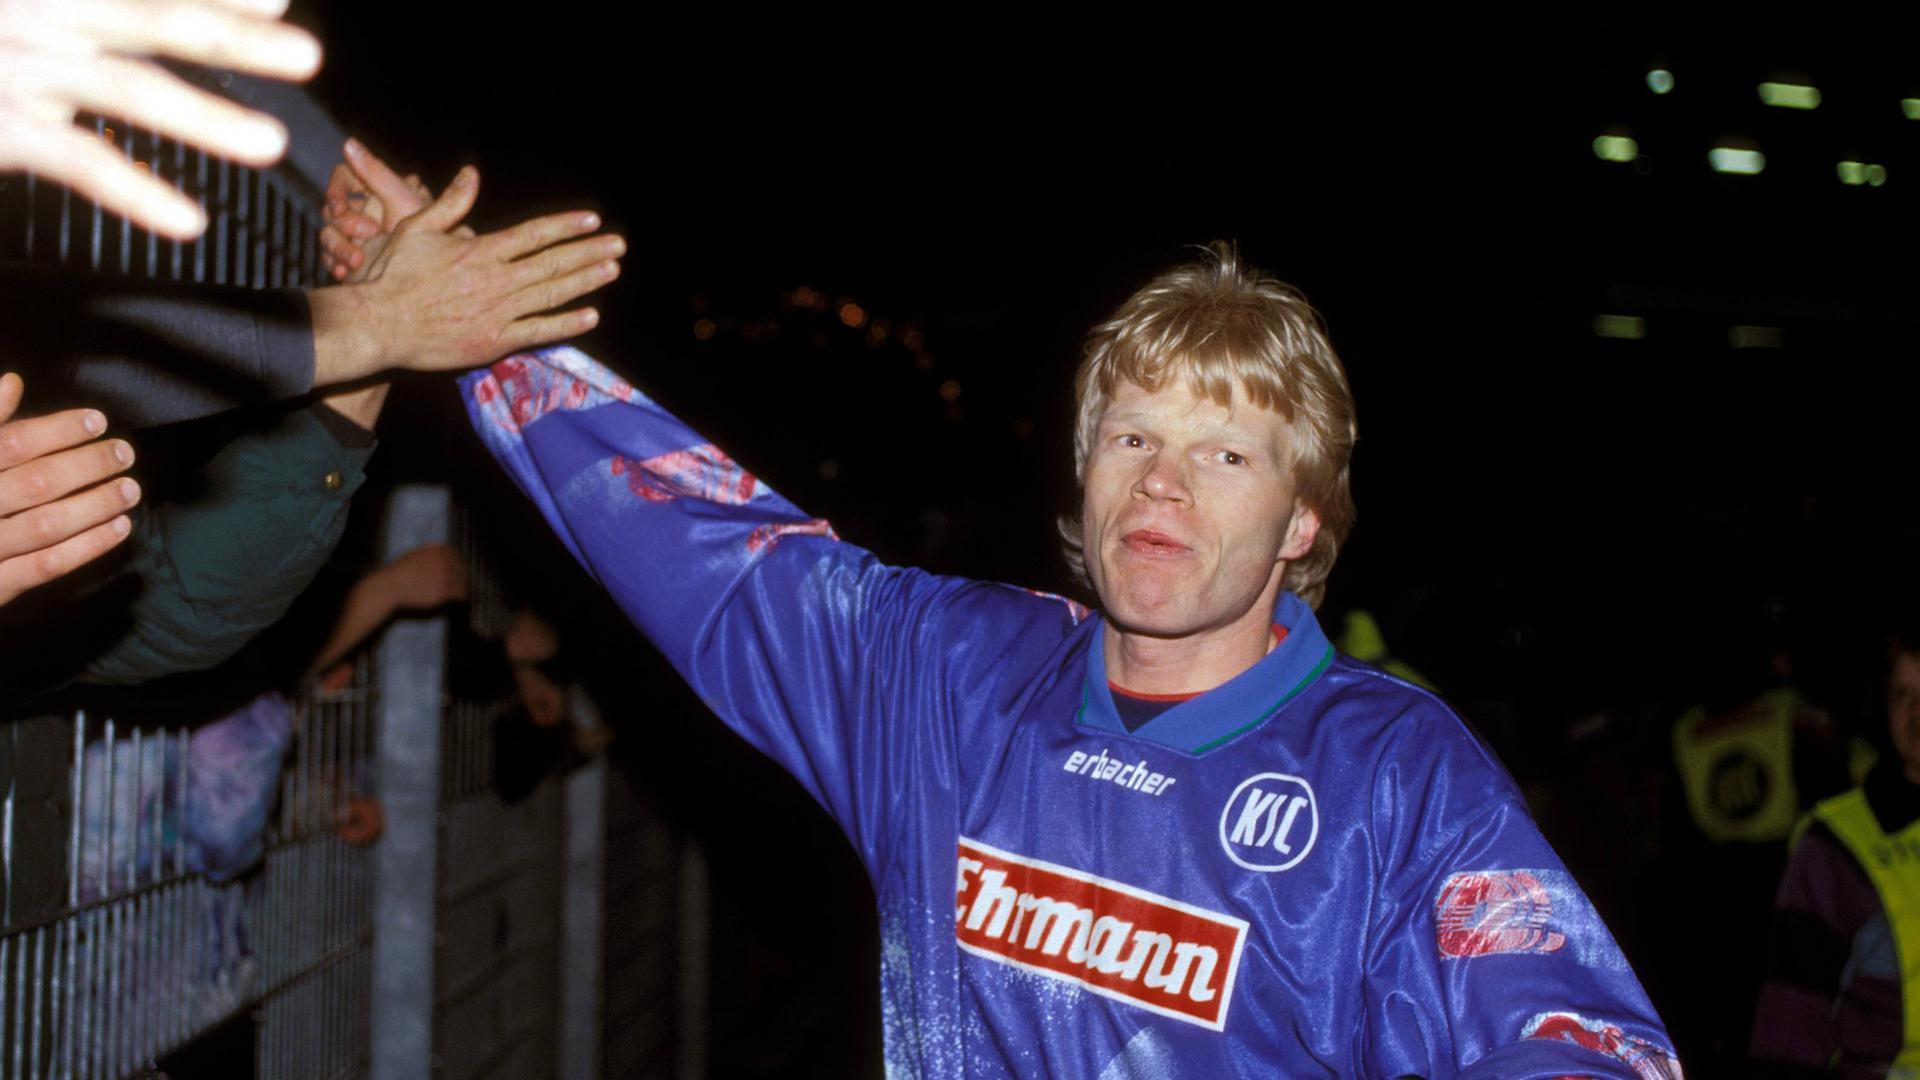 Die Ziele im Blick: Oliver Kahn bereitete beim Karlsruher SC seine große Torwartkarriere vor, während der in München hängen blieb.